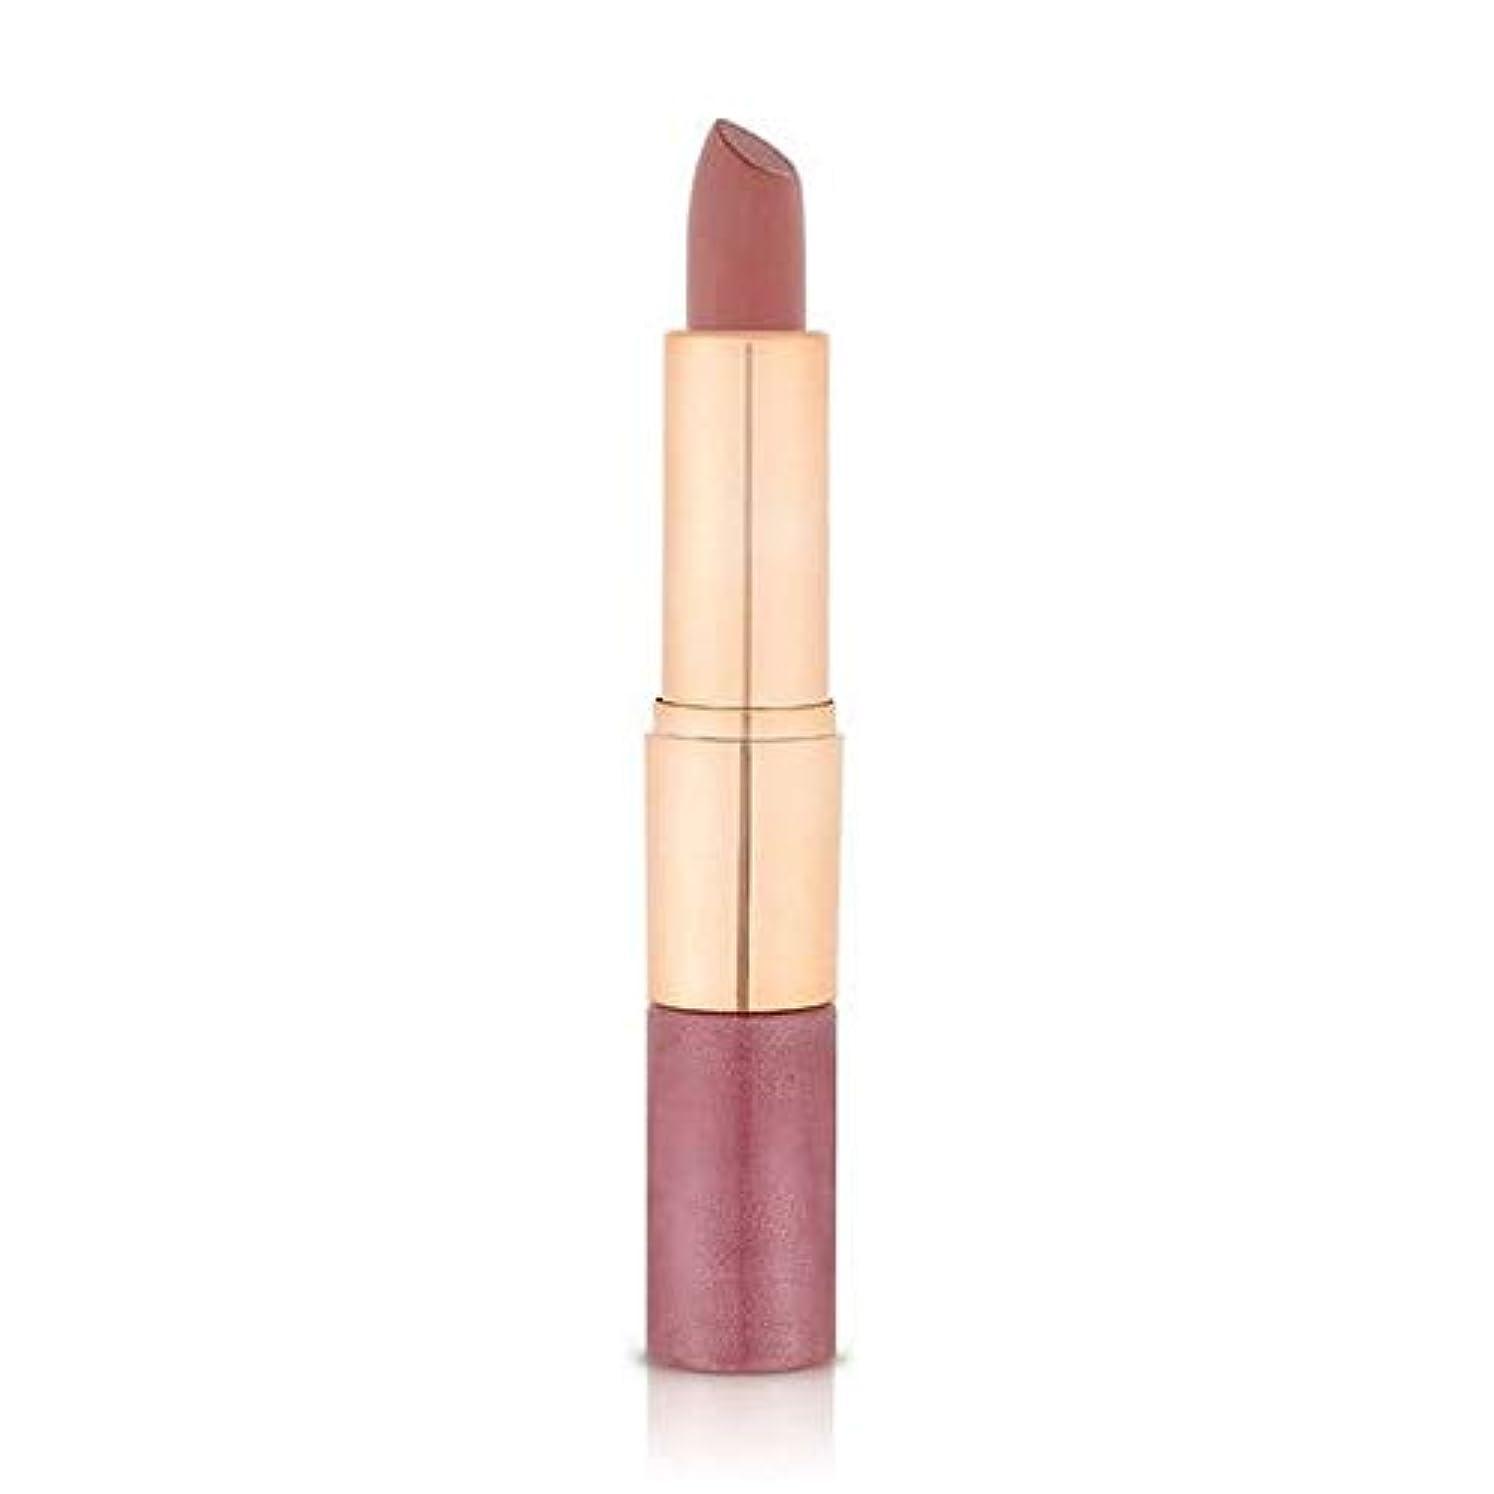 負担革命的豆[Flower Beauty ] 花の美しさのミックスN」はマットリップスティックデュオピンクくすぐら687 - Flower Beauty Mix N' Matte Lipstick Duo Tickled Pink...